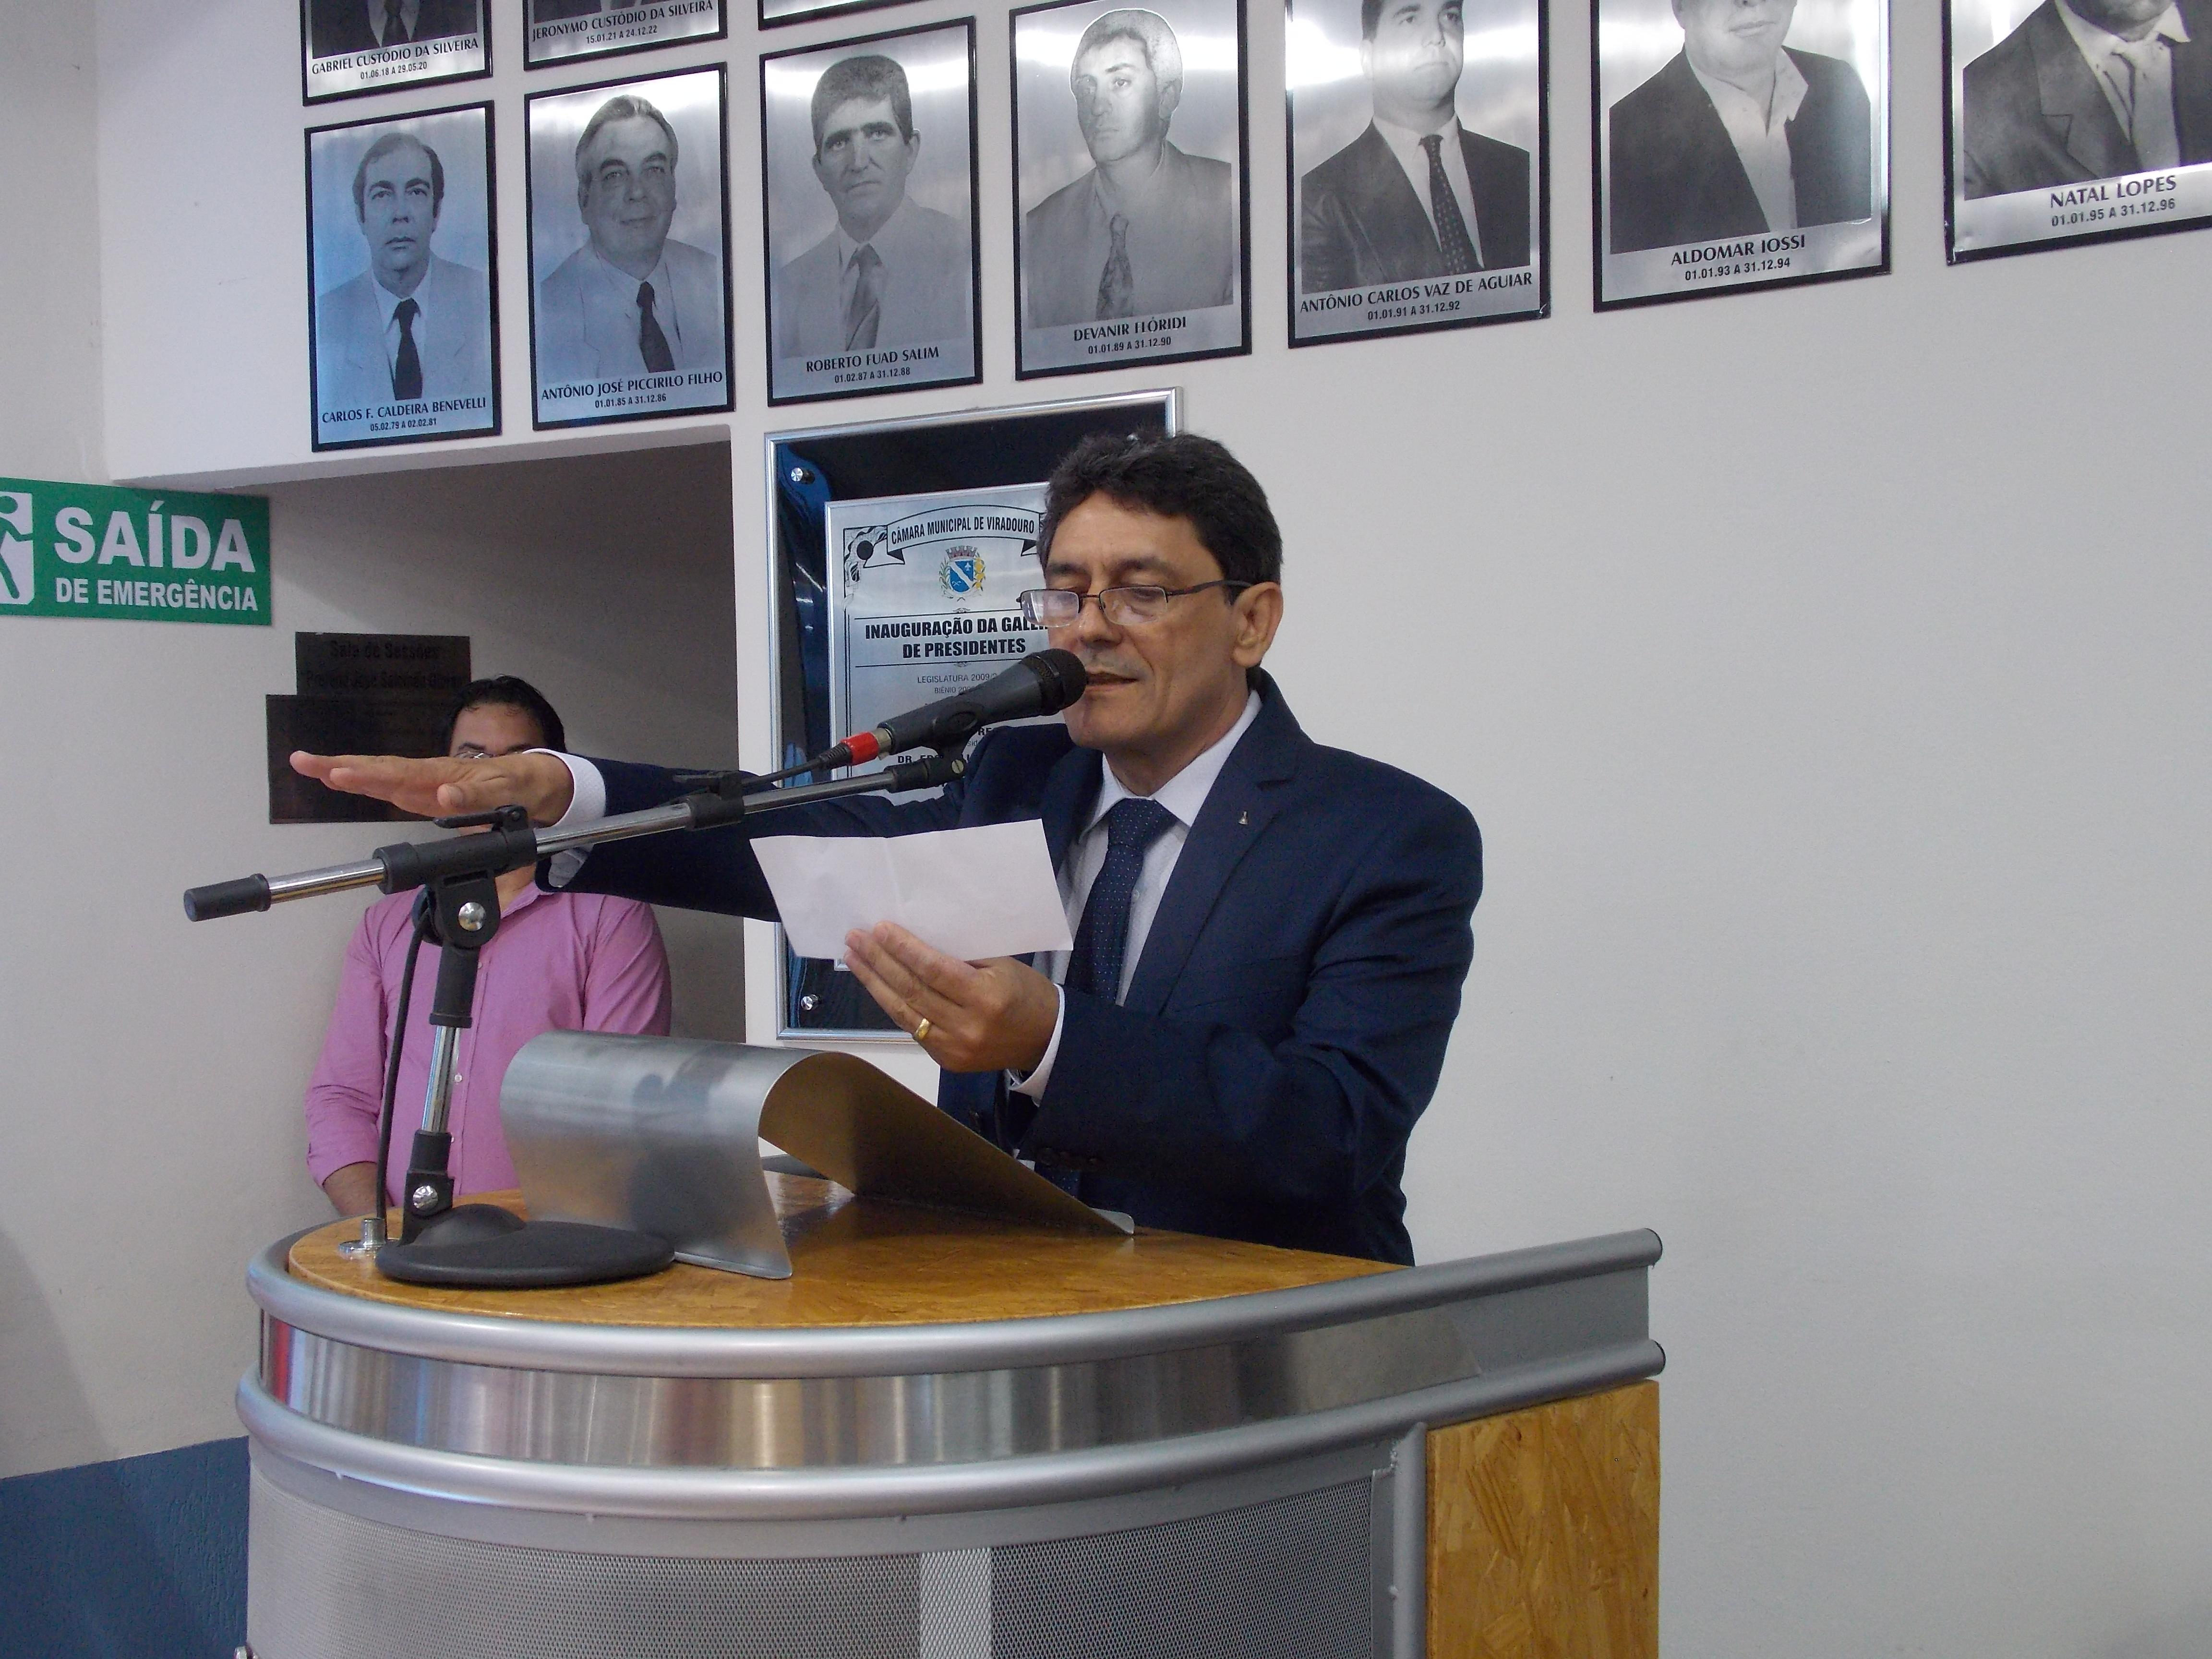 Prefeito Cal Ribeiro realizando o juramento durante sua posse.